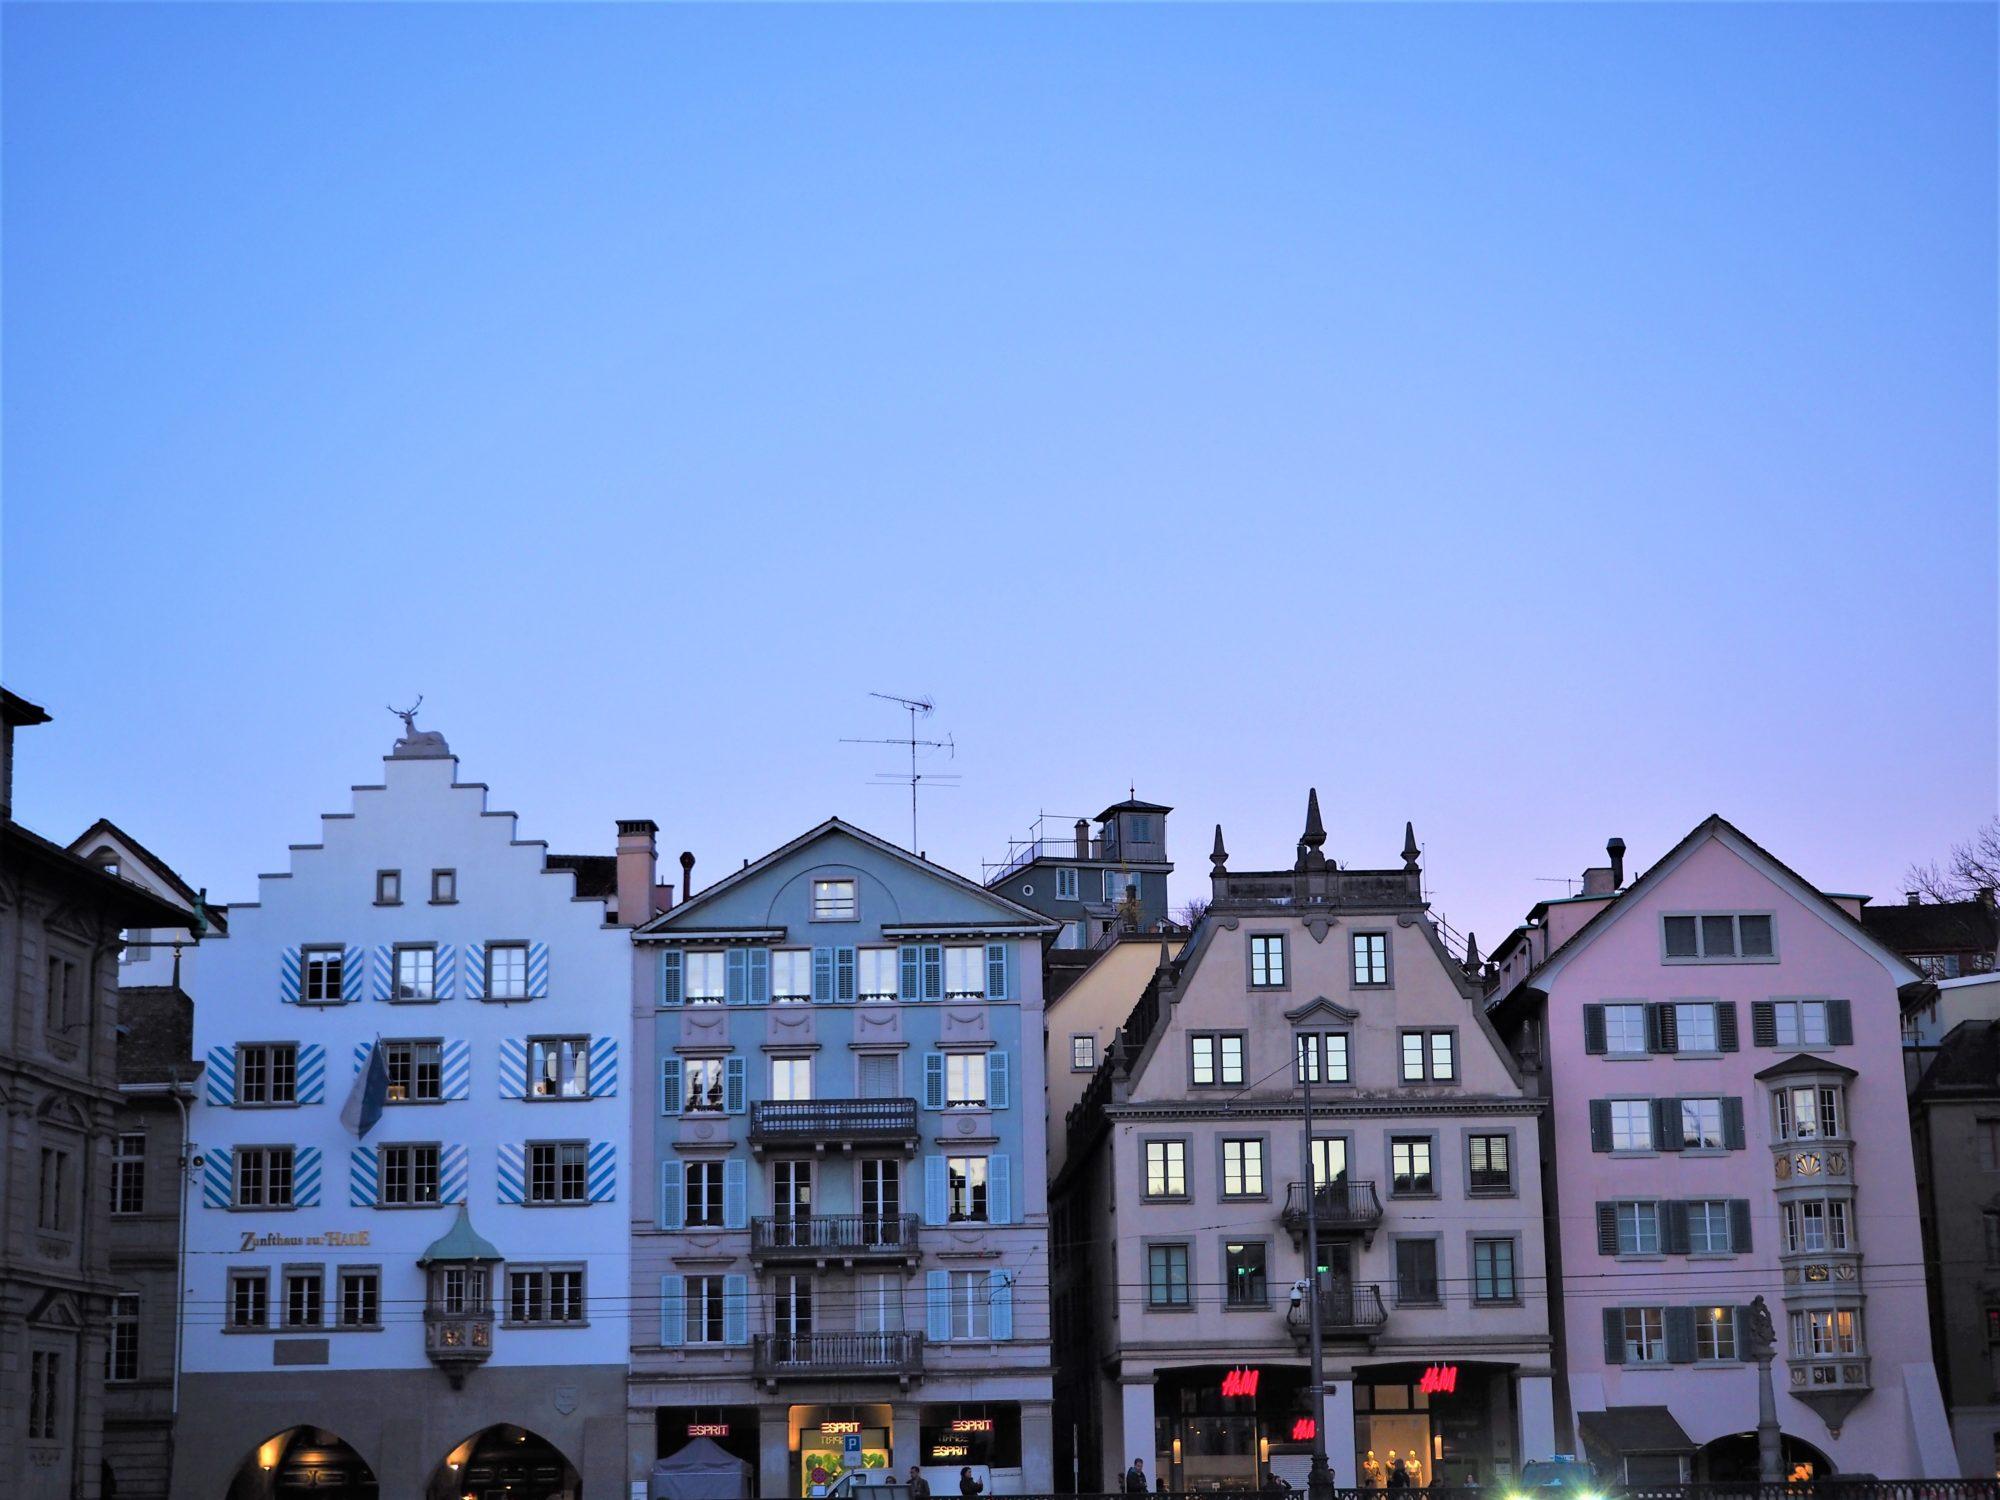 zurich suisse guide pratique blog voyage clioandco